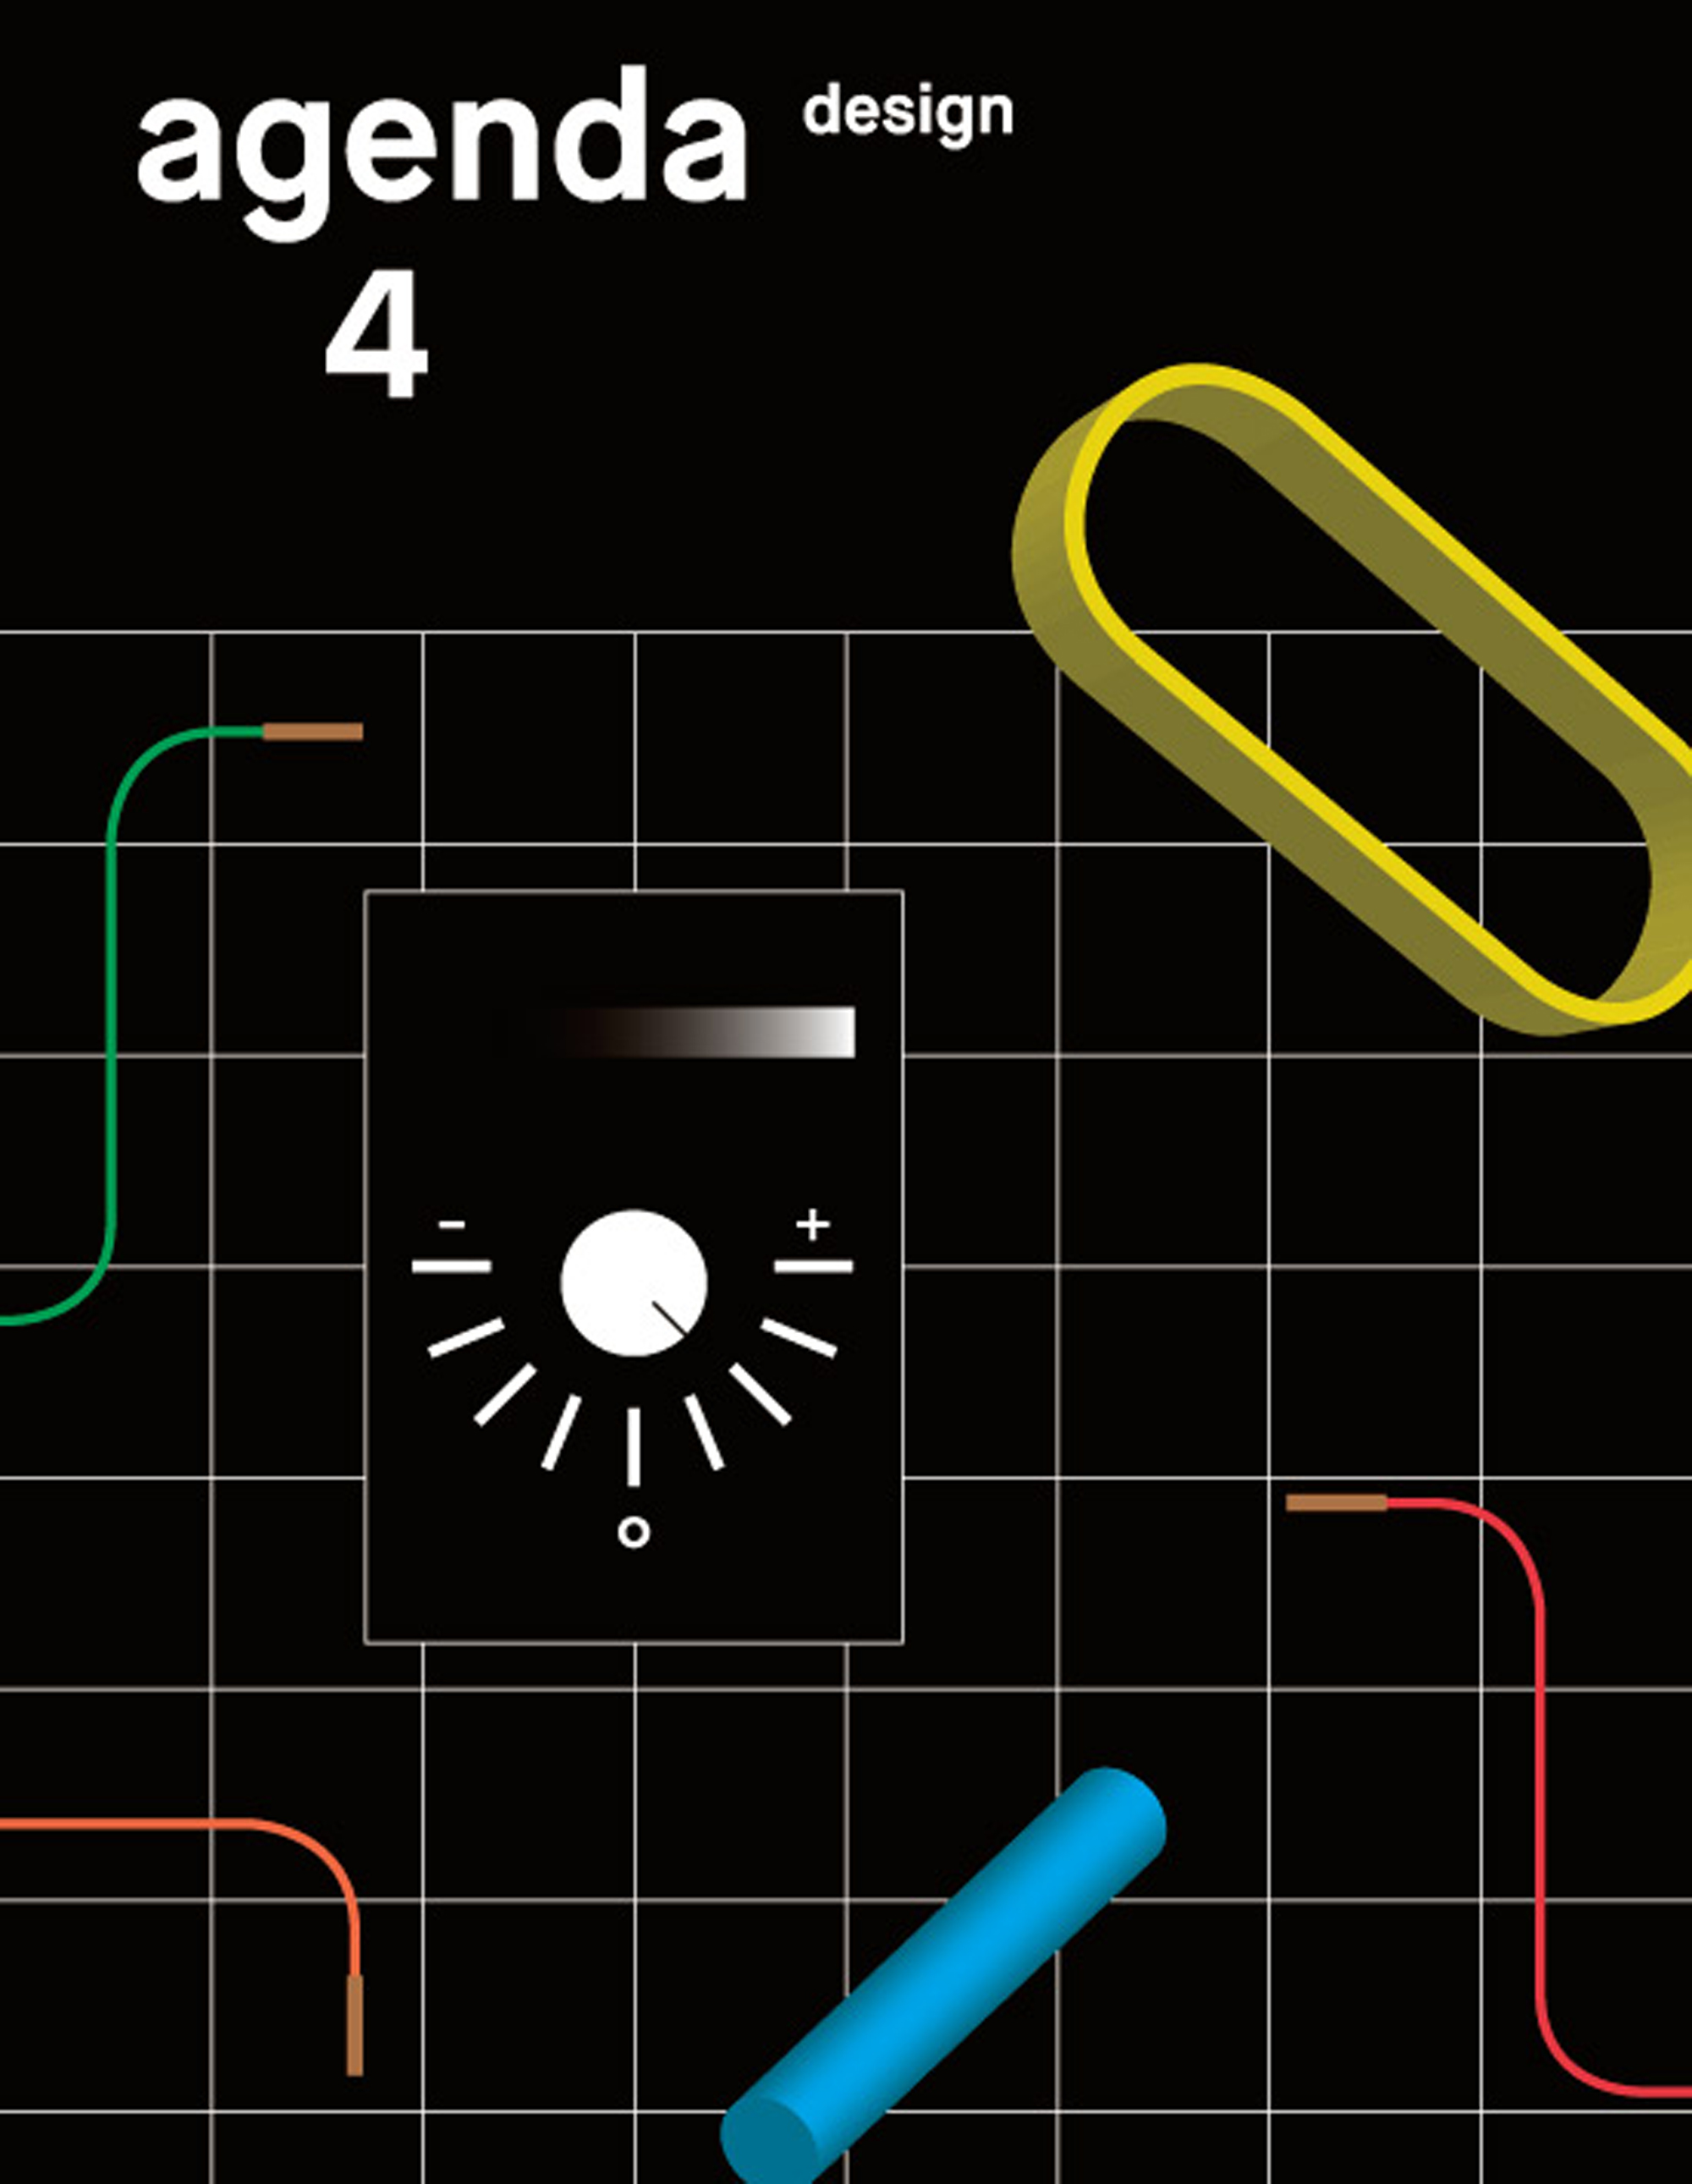 agenda design #4 – Magazin für Gestaltung